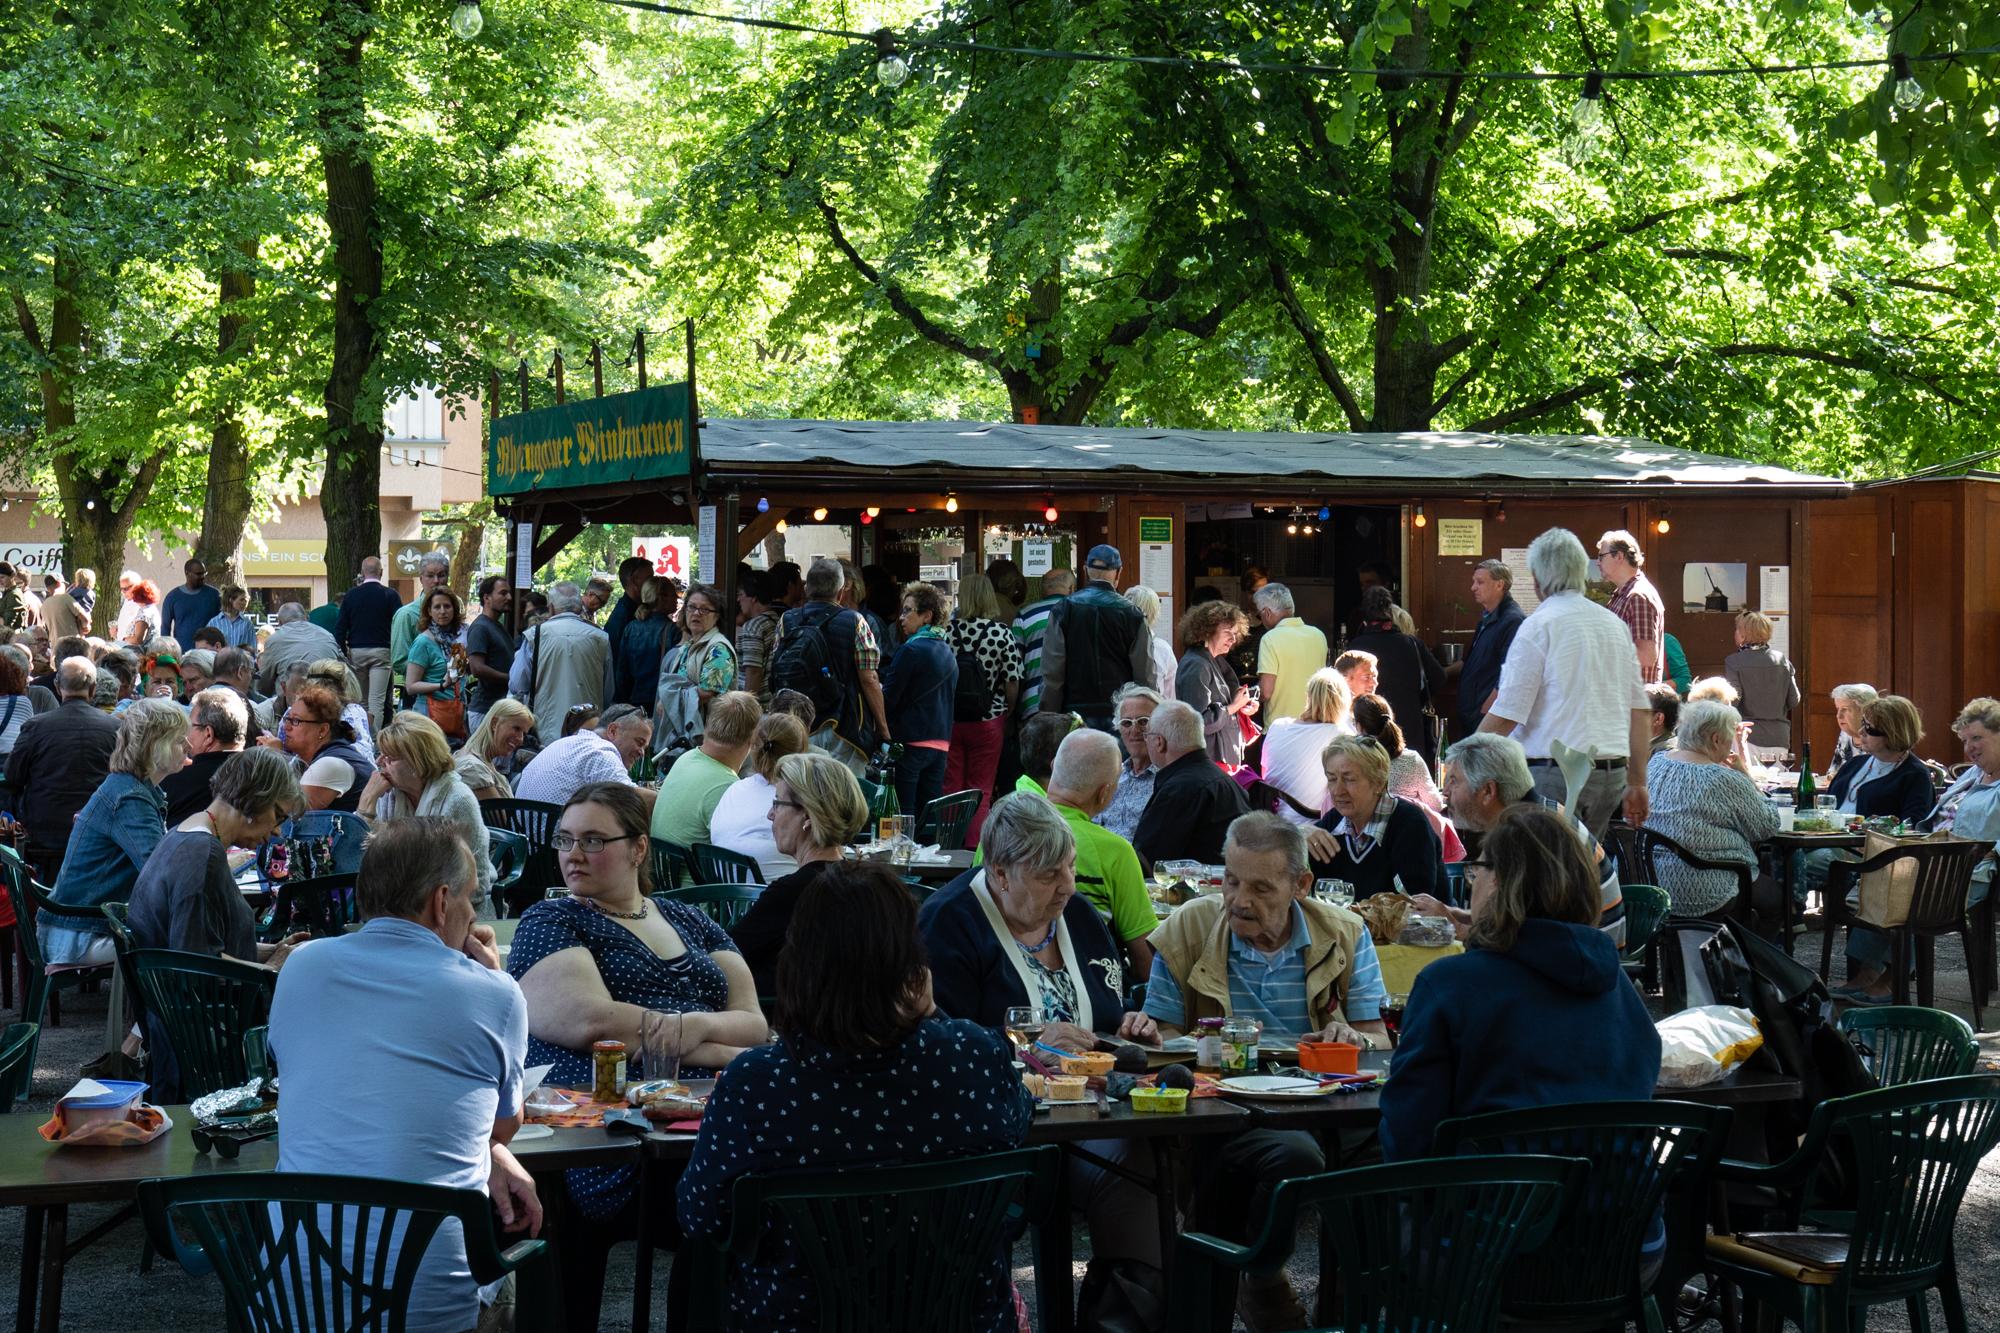 Gäste geniessen ihren Wein am Rheingauer Weinbrunnen - eine Holzhütte, die Weine aus dem Rheingau-Taunus in Hessen am Rüdesheimer Platz in Berlin Wilmersdorf serviert